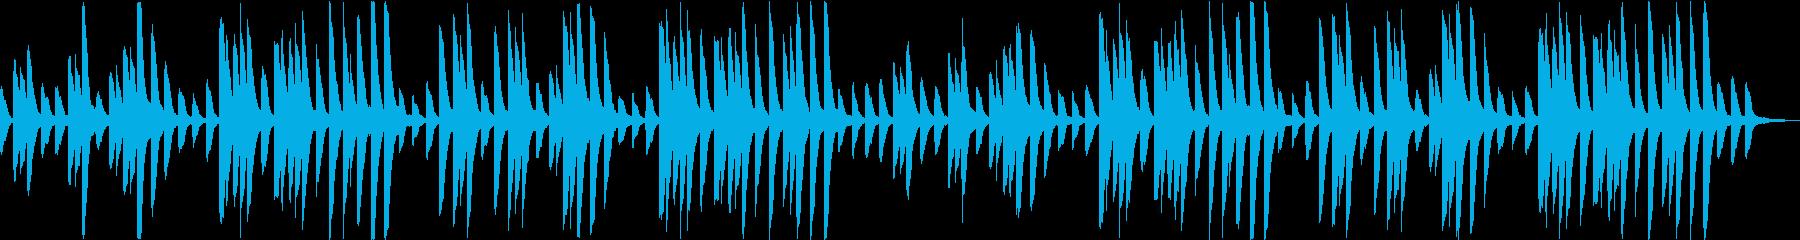 ビブラフォンの旋律が印象的なインストの再生済みの波形